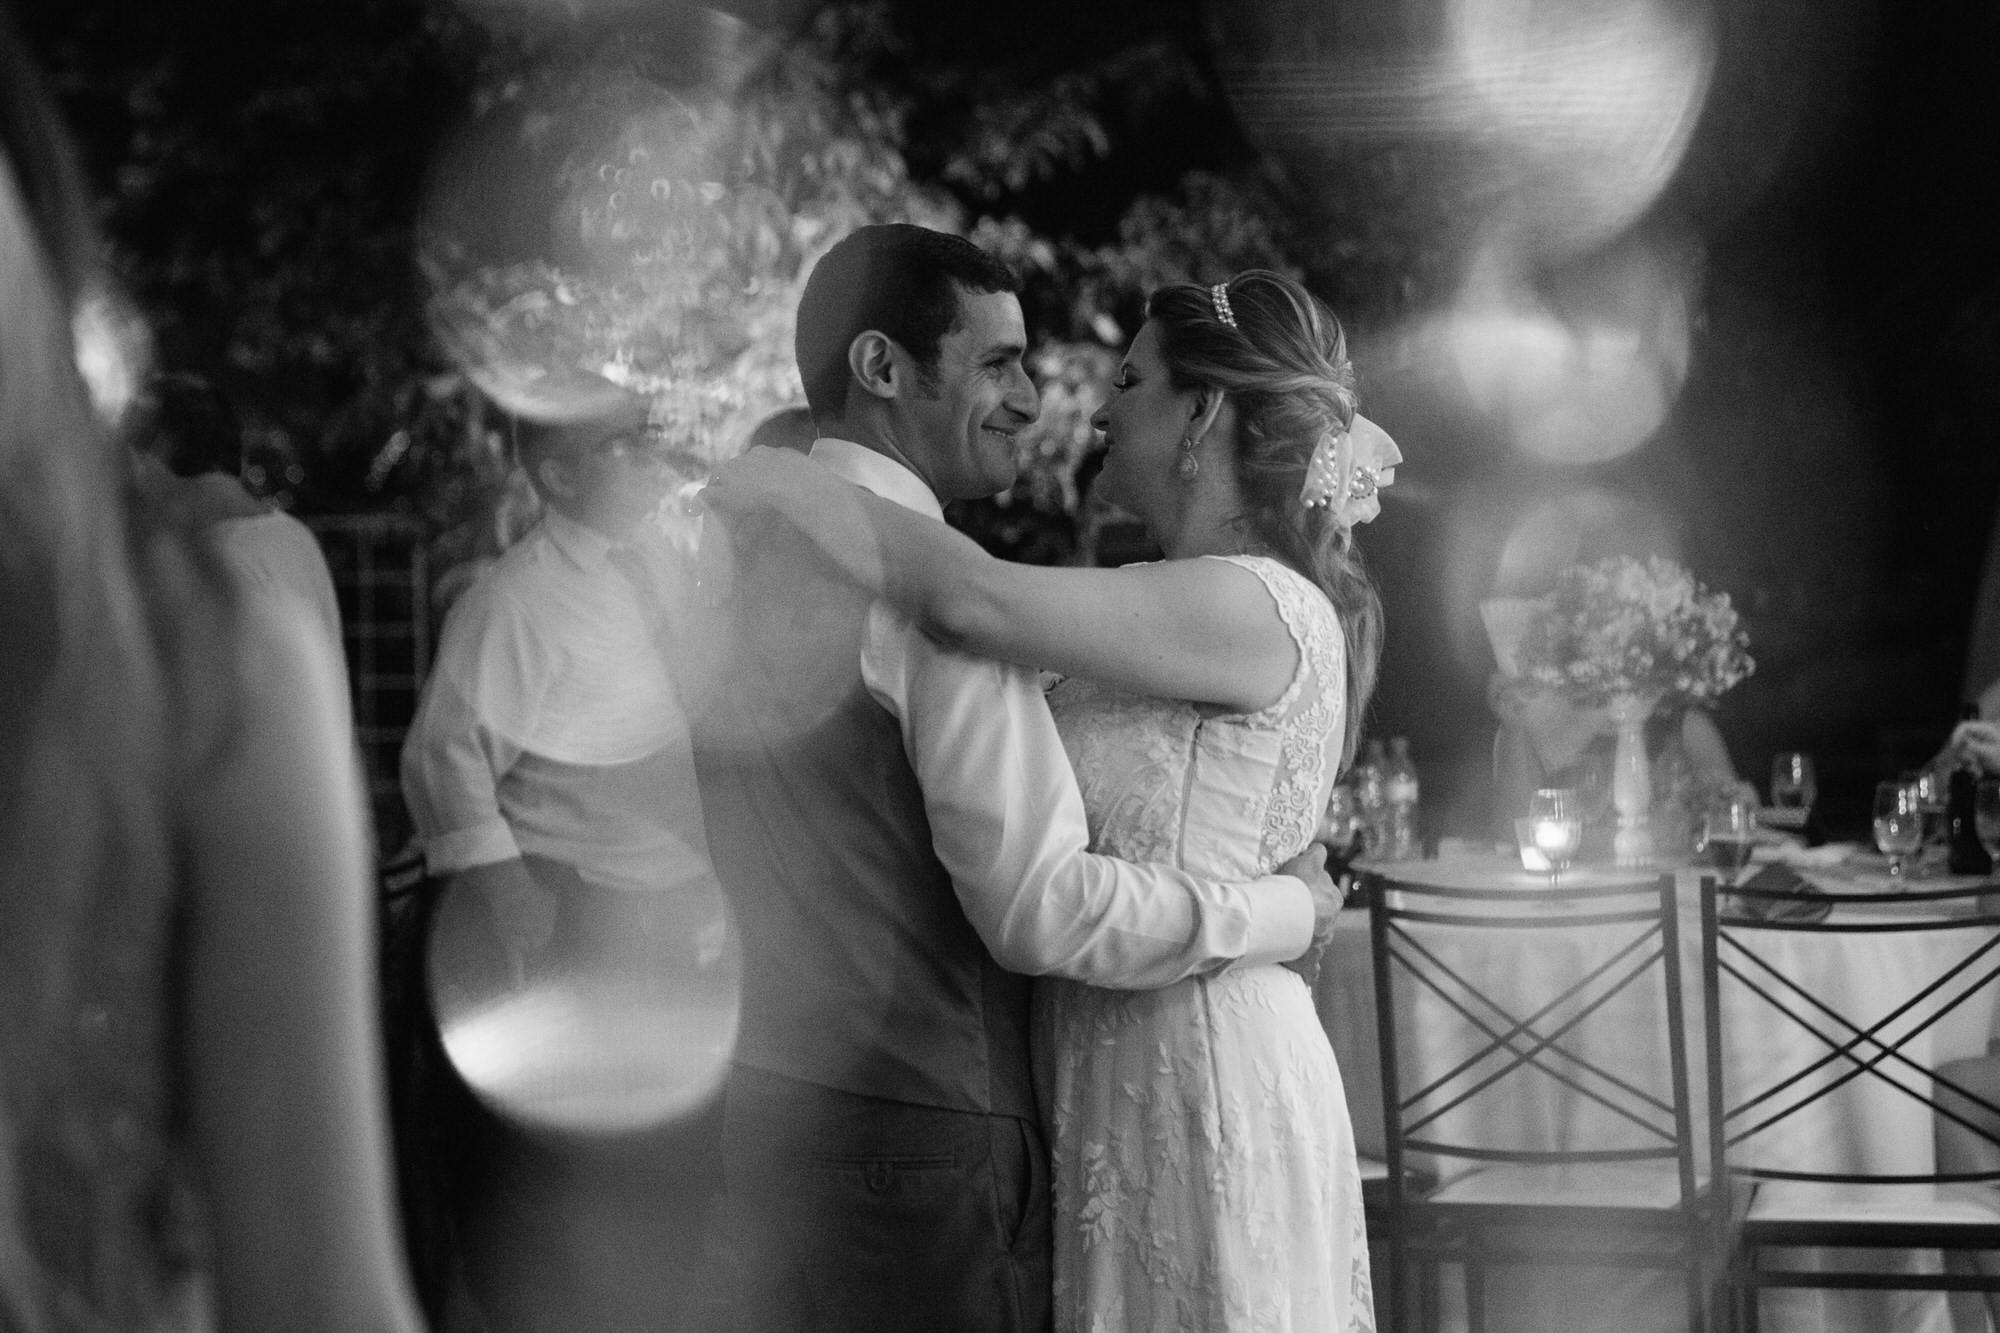 Fabio e Gisele - Casamento em Mundo Novo - MS por Lorran Souza e Léia Sotile - fotografo de casamentos - 00038